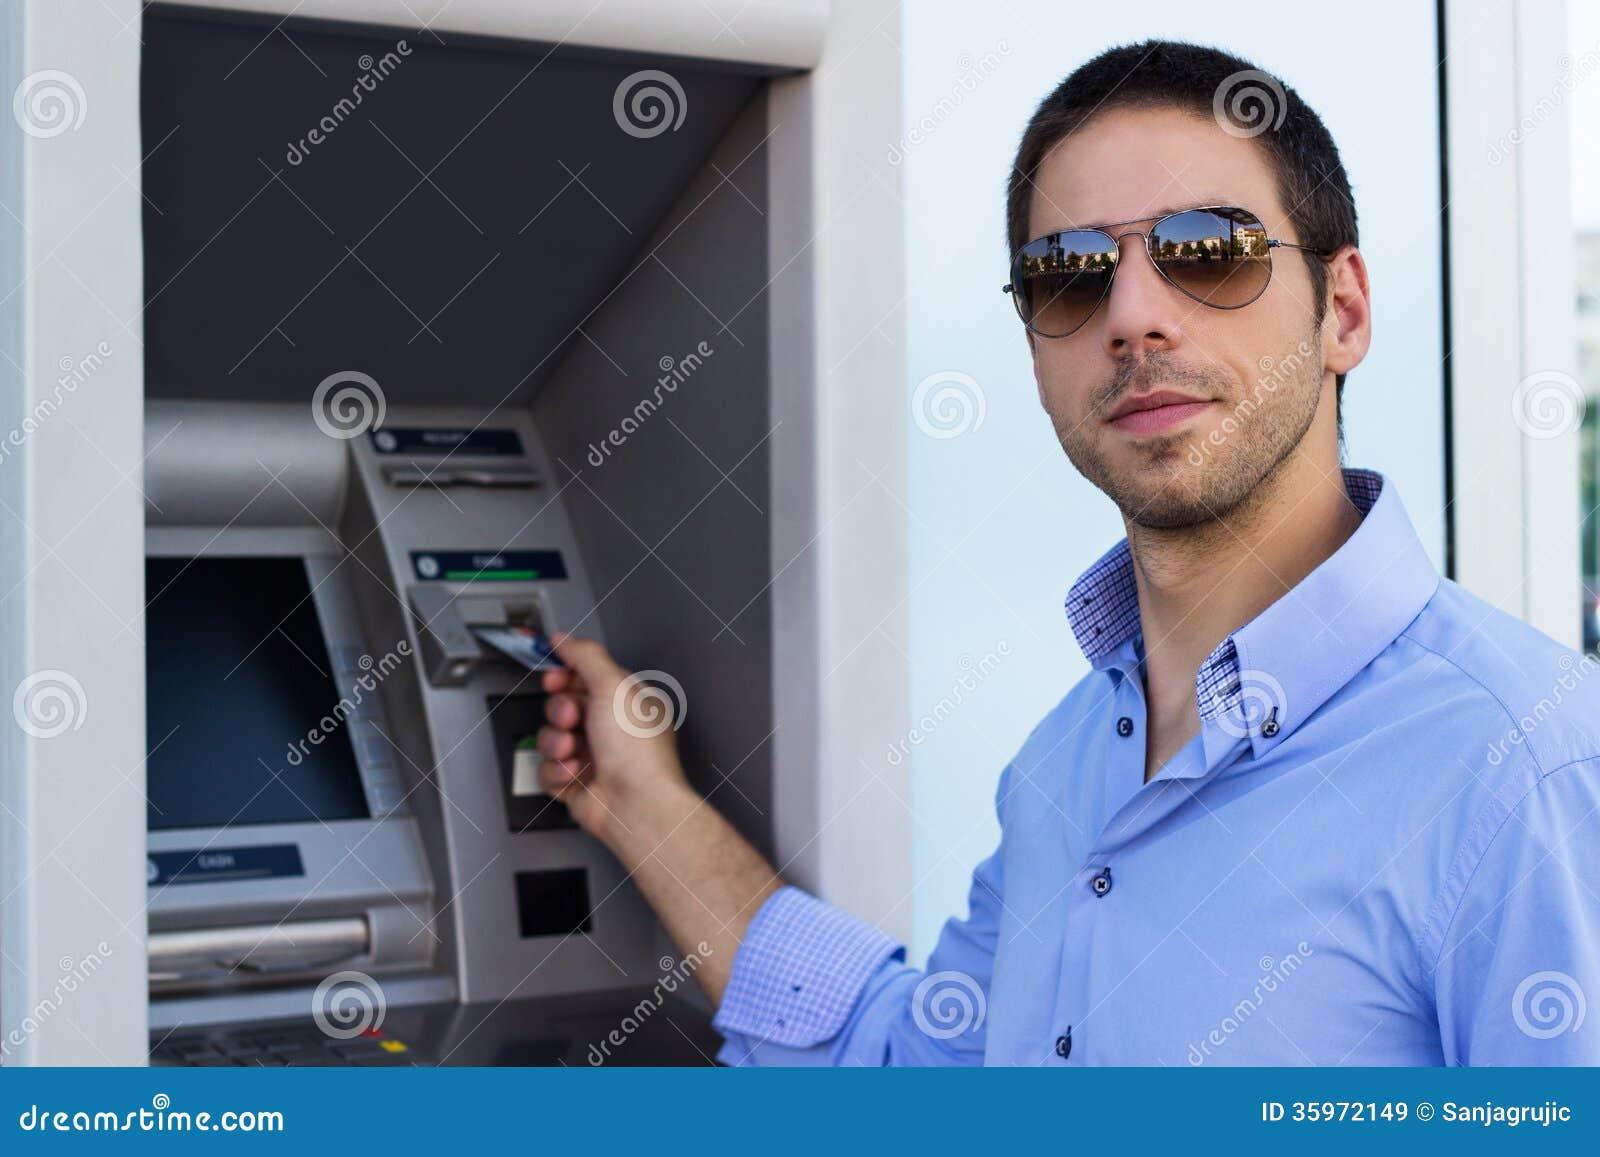 El hombre de negocios puso su tarjeta de crédito en la atmósfera